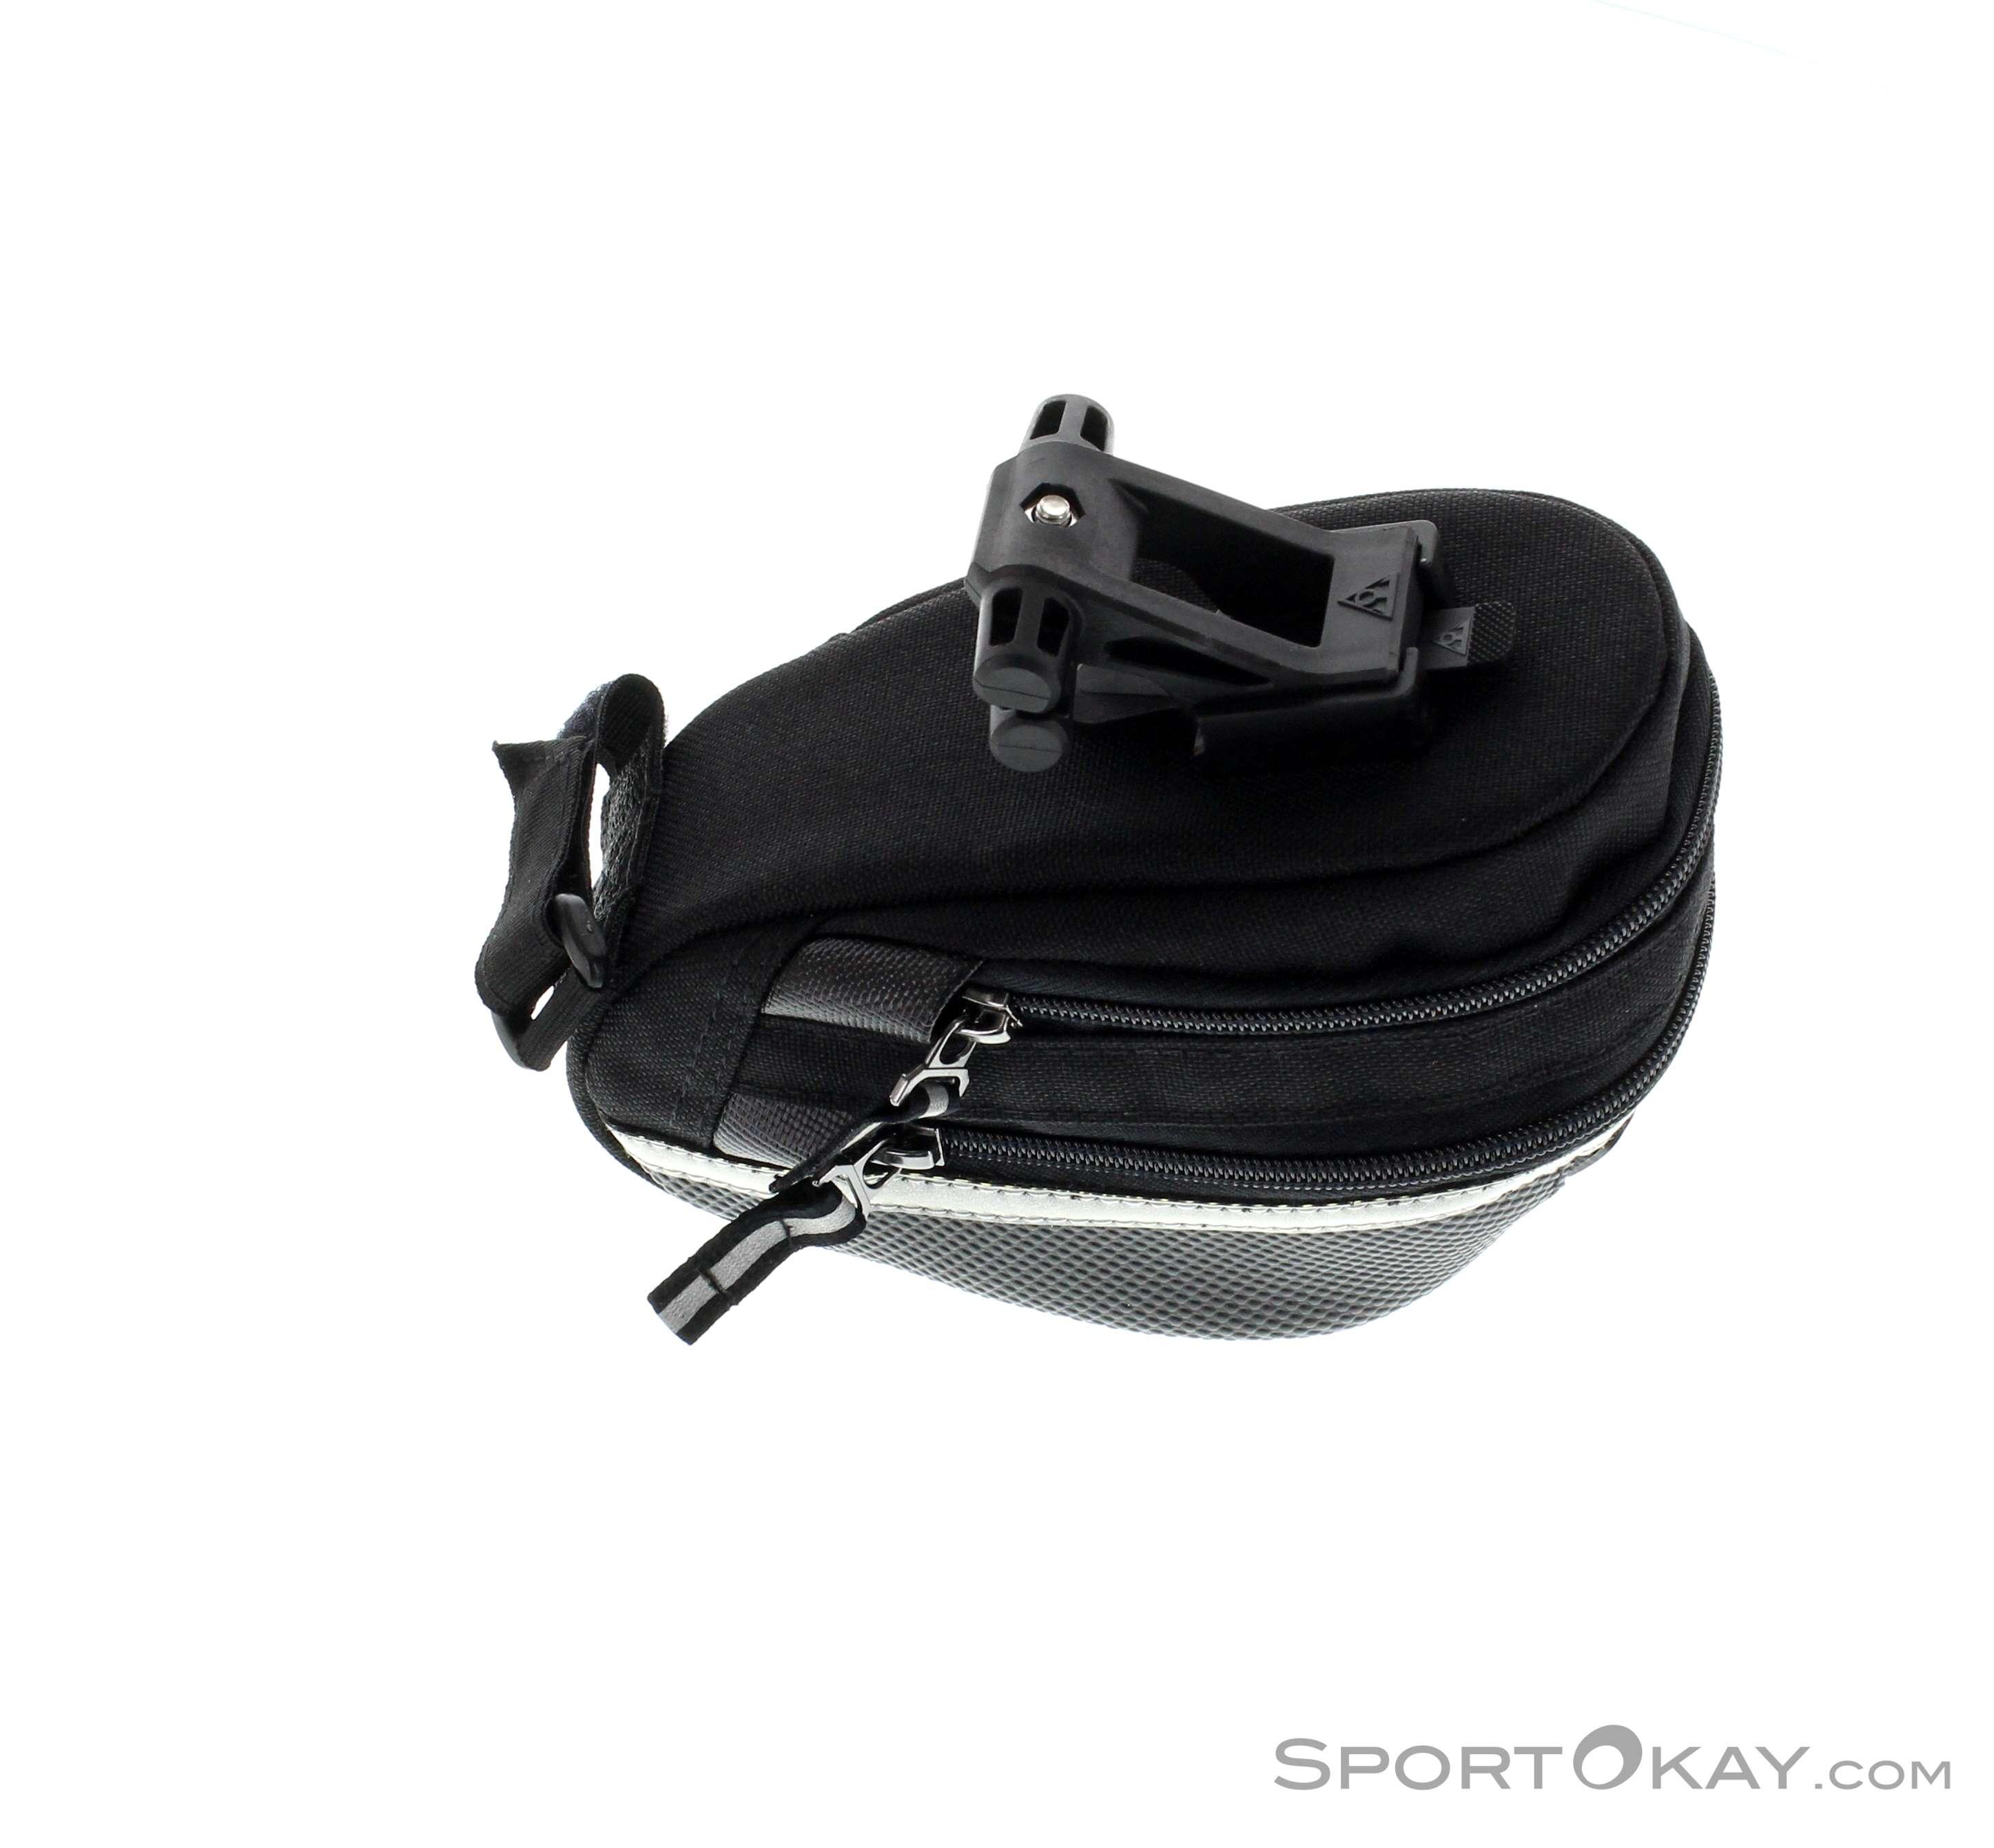 Topeak Wedge Pack 2 Medium 0.95-1.25L Fahrrad-Satteltasche schwarz mit Halterung